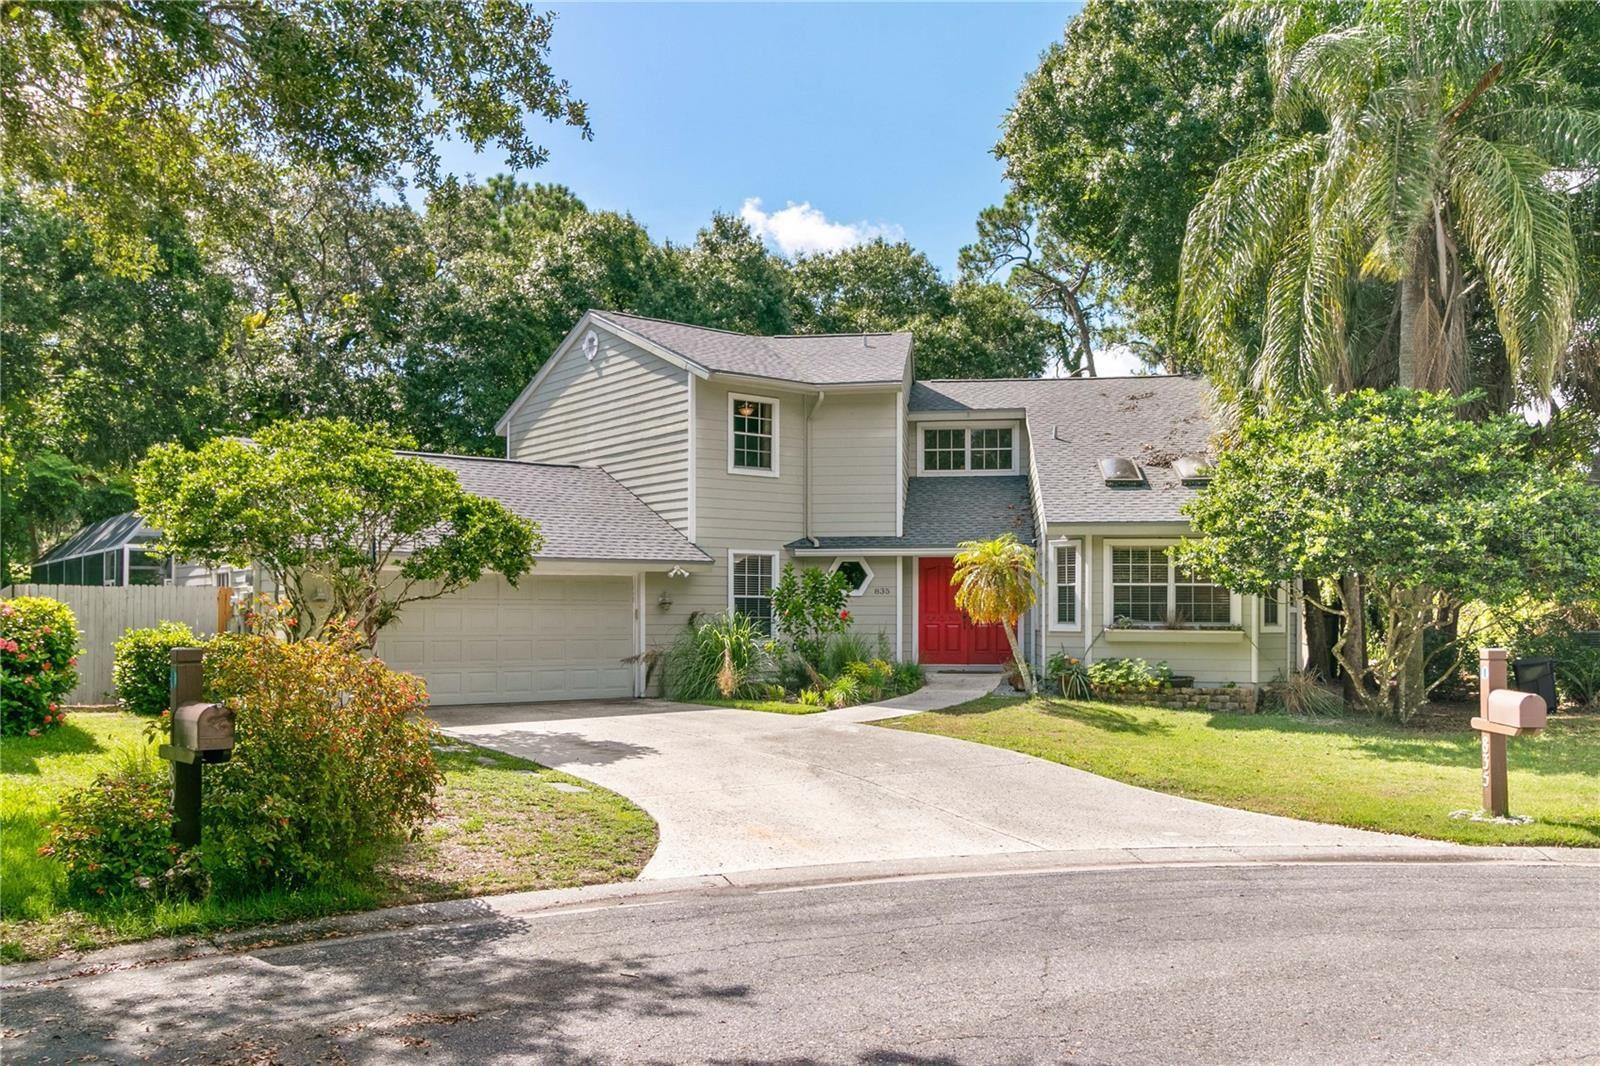 835 HAMPTON WOOD COURT, Sarasota, FL 34232 - #: A4507870